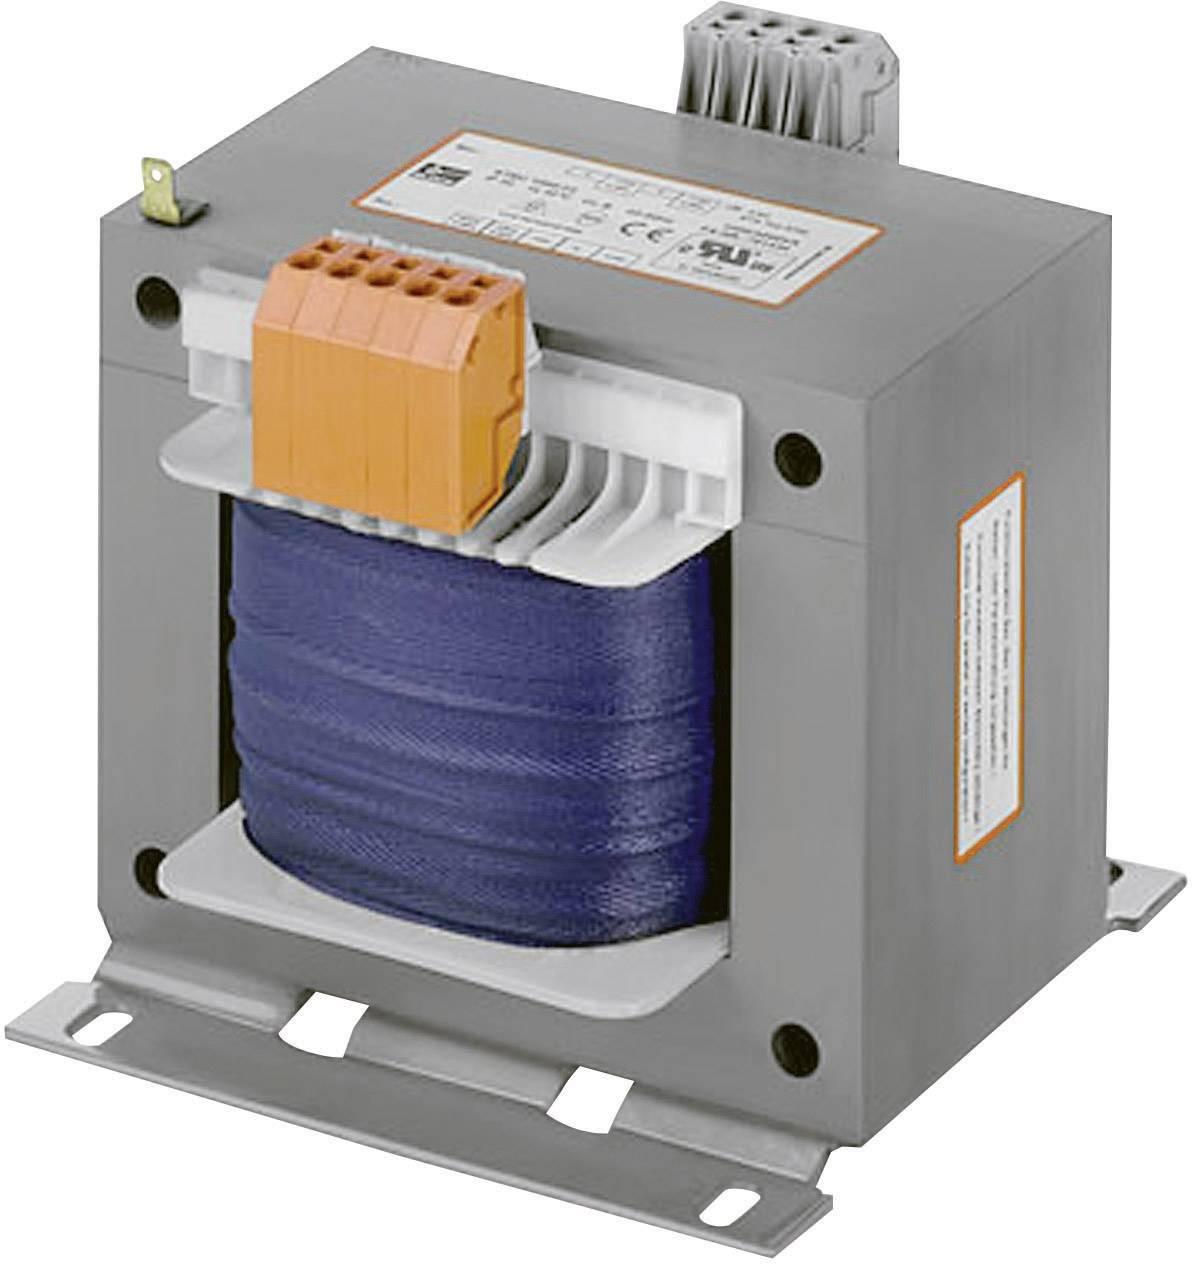 Bezpečnostný transformátor, riadiaci transformátor, izolačný transformátor Block STEU 630/24, 630 VA